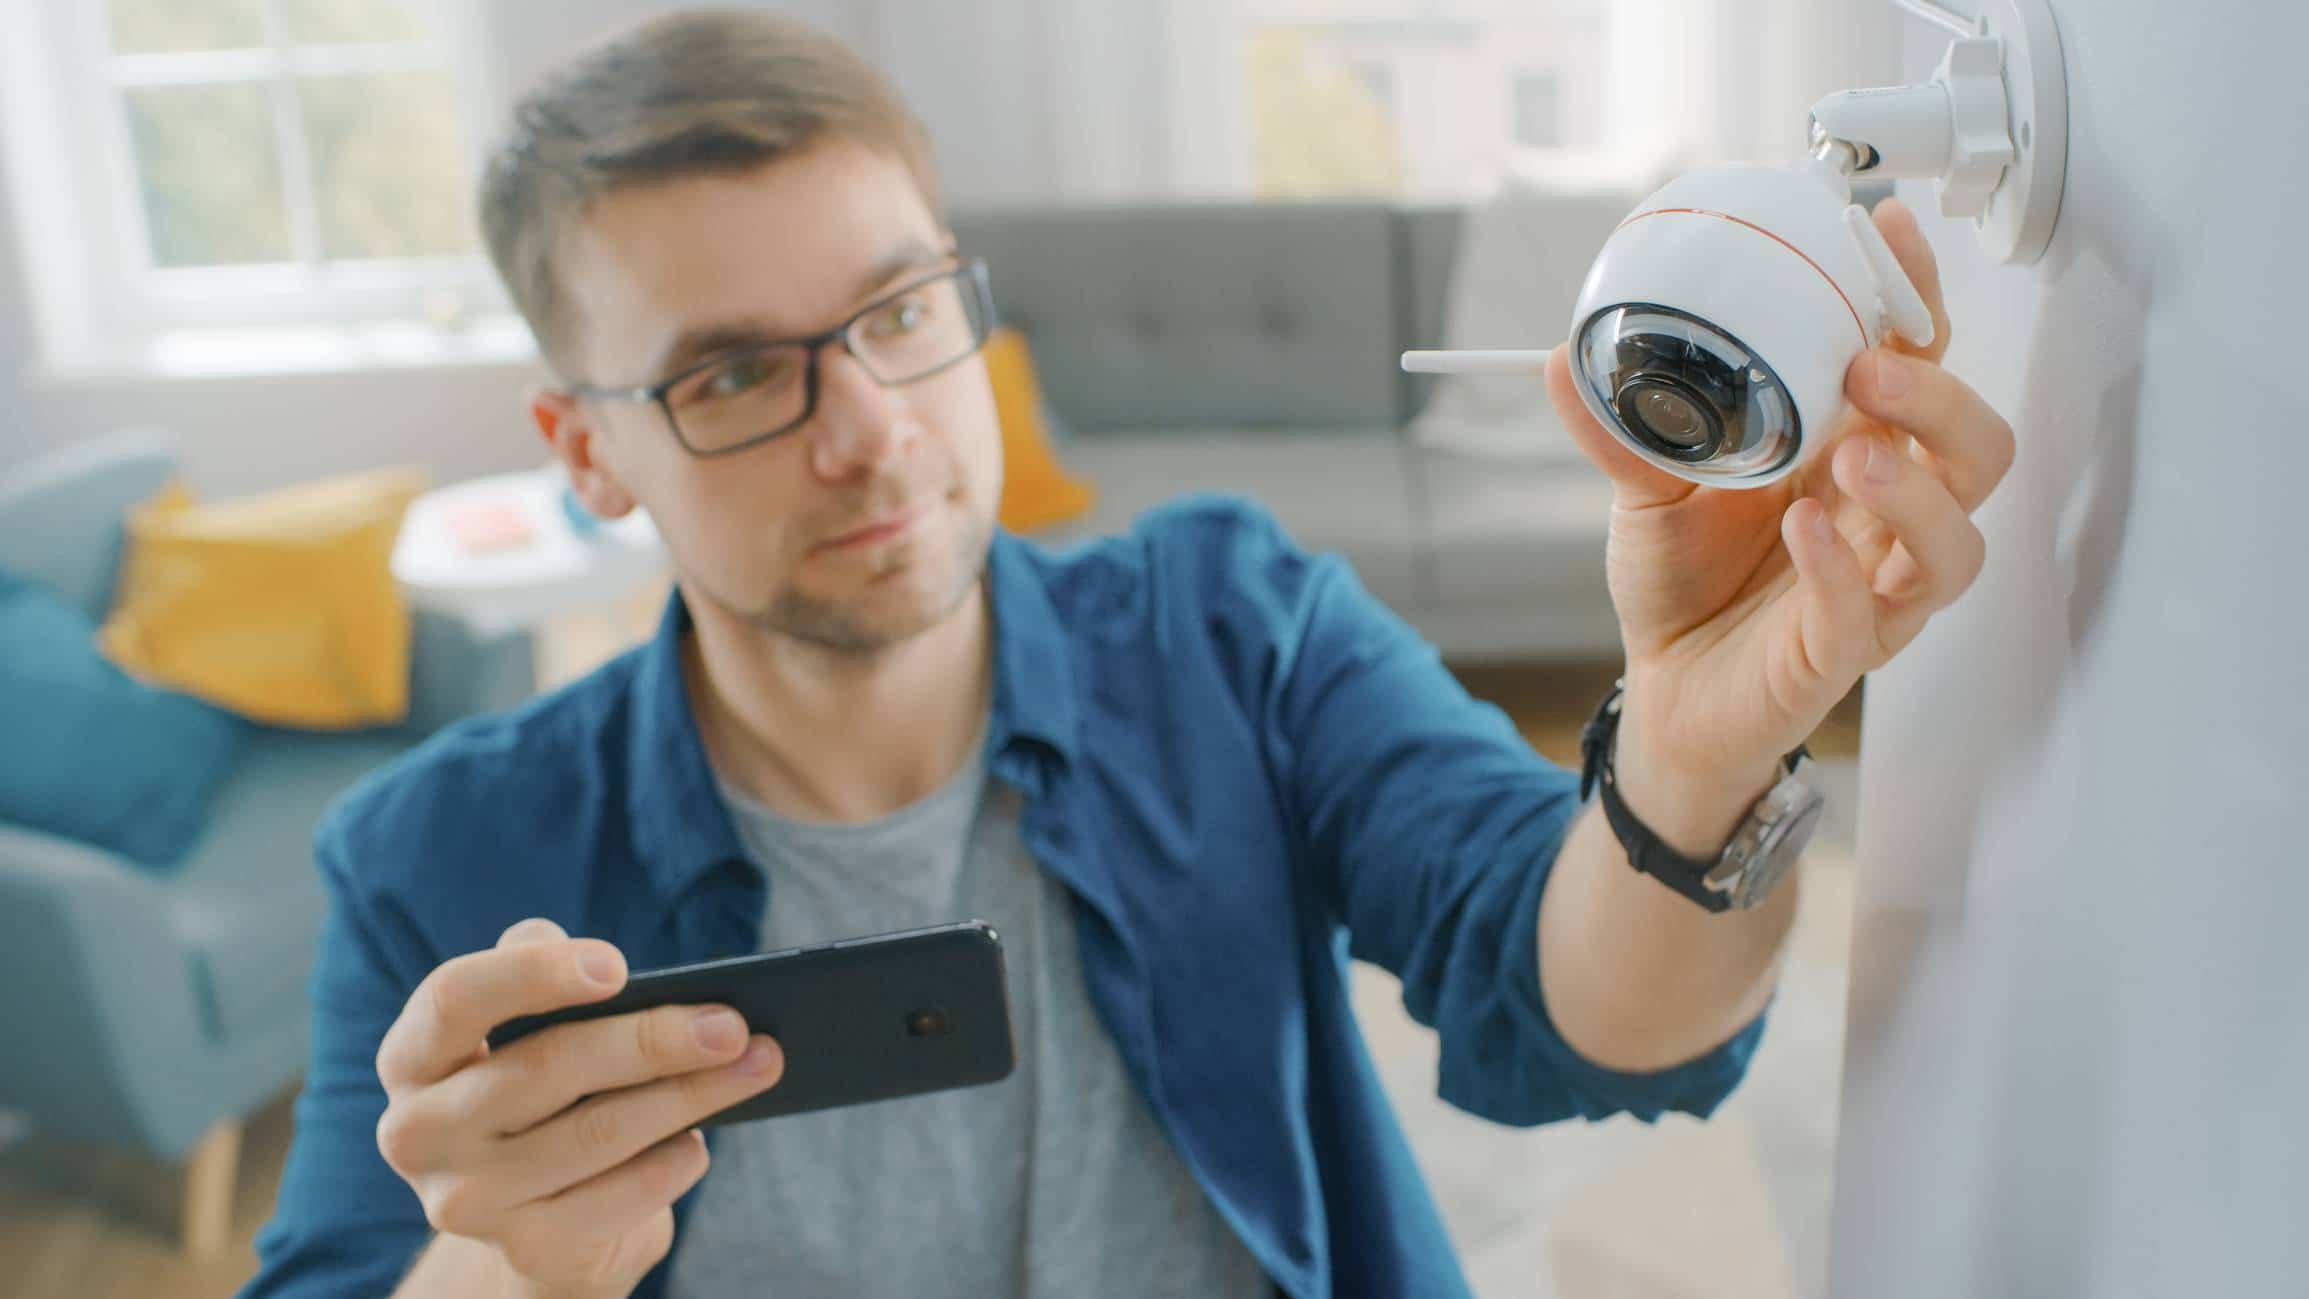 caméra surveillance à son domicile